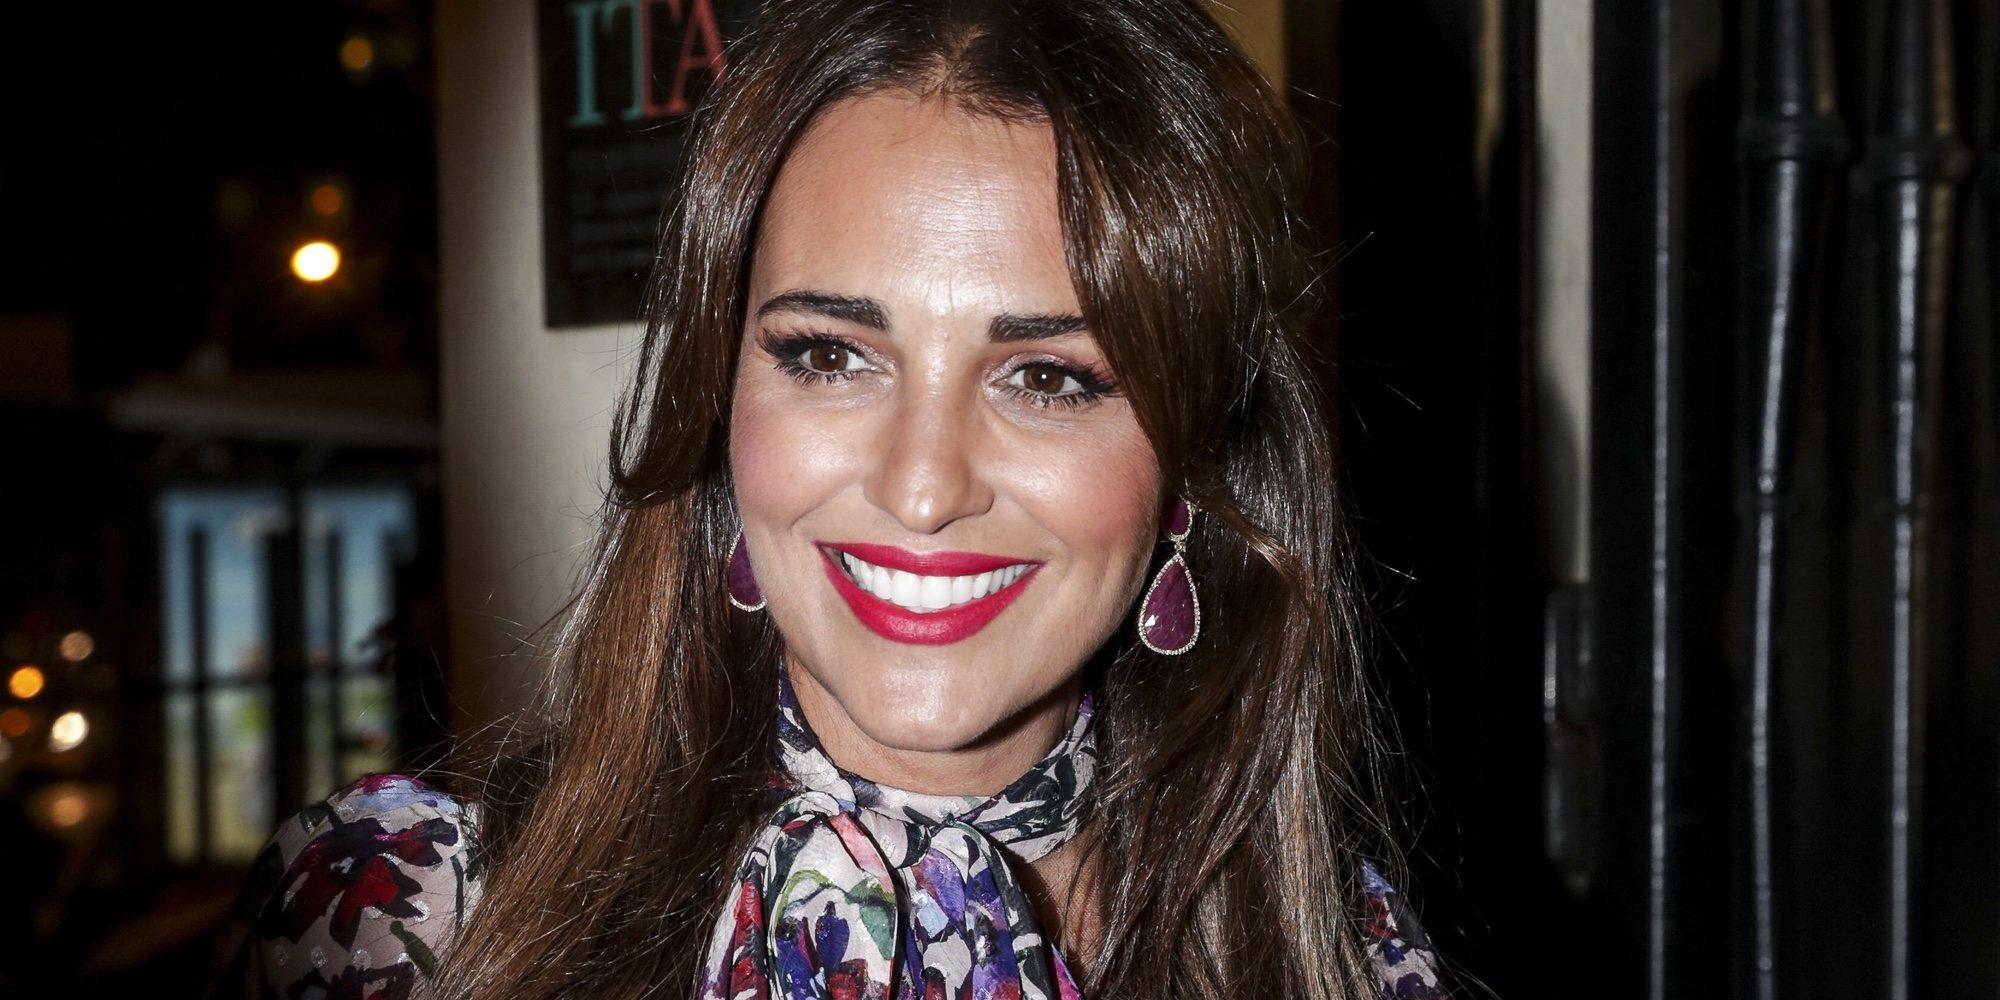 """Paula Echevarría, criticada por publicar una foto en bañador antes de su embarazo: """"Estoy feliz con mi panza"""""""